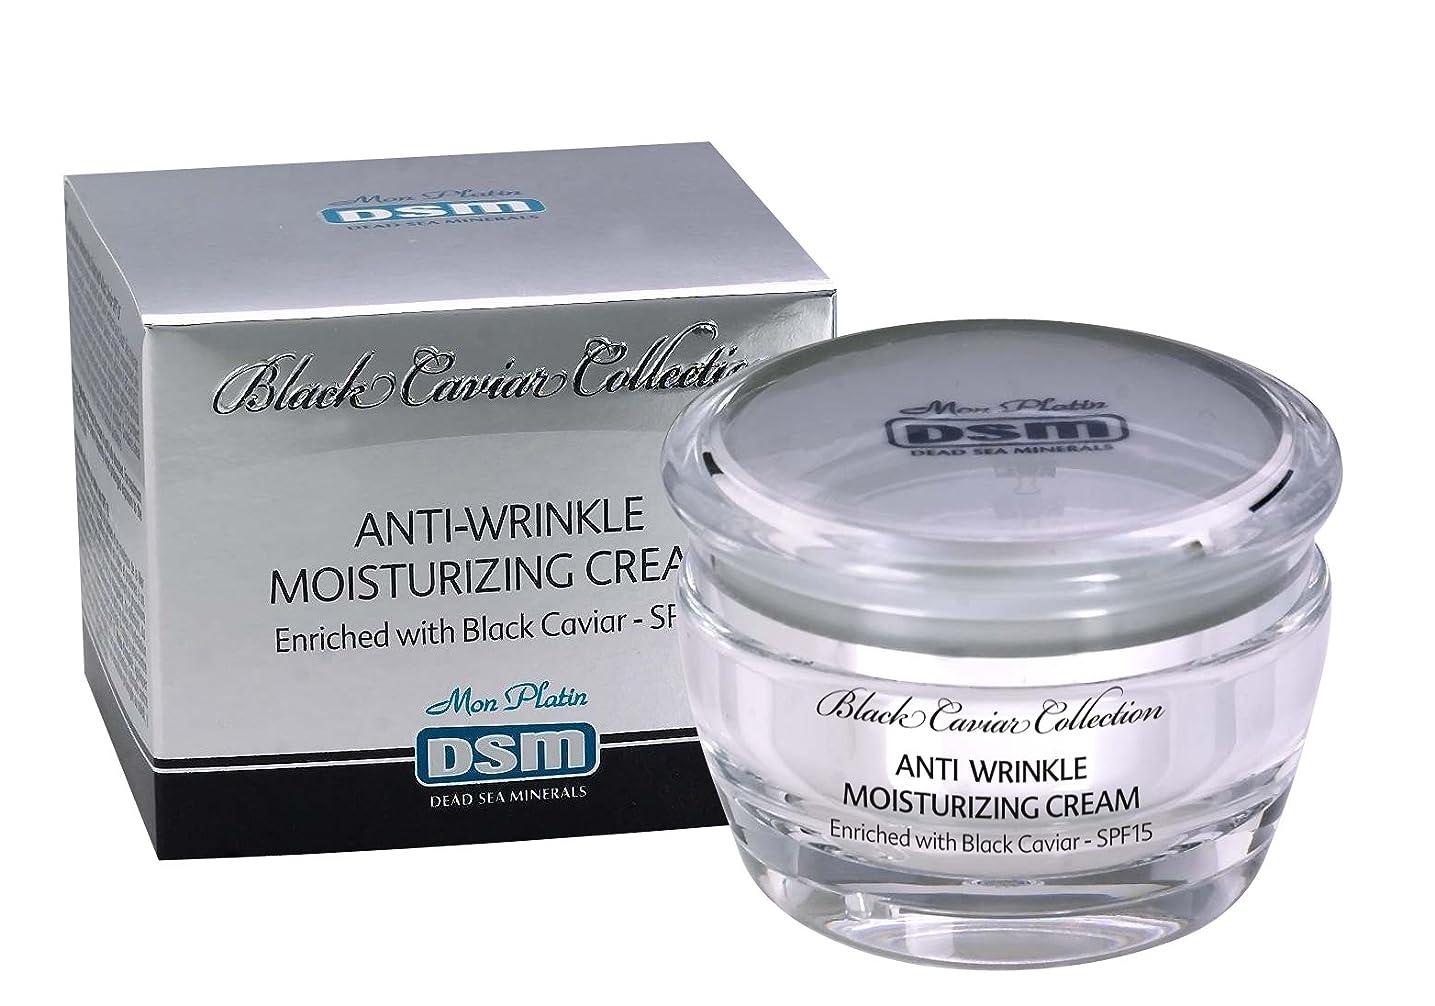 アジア救急車剃る皺取りしっとり湿潤クリーム 黒キャビア SPF15 死海ミネラル50mL Mon Platin 全皮膚タイプ ミネラル お顔 (Anti-Wrinkle Moisturizing Cream with Black Caviar SPF 15)